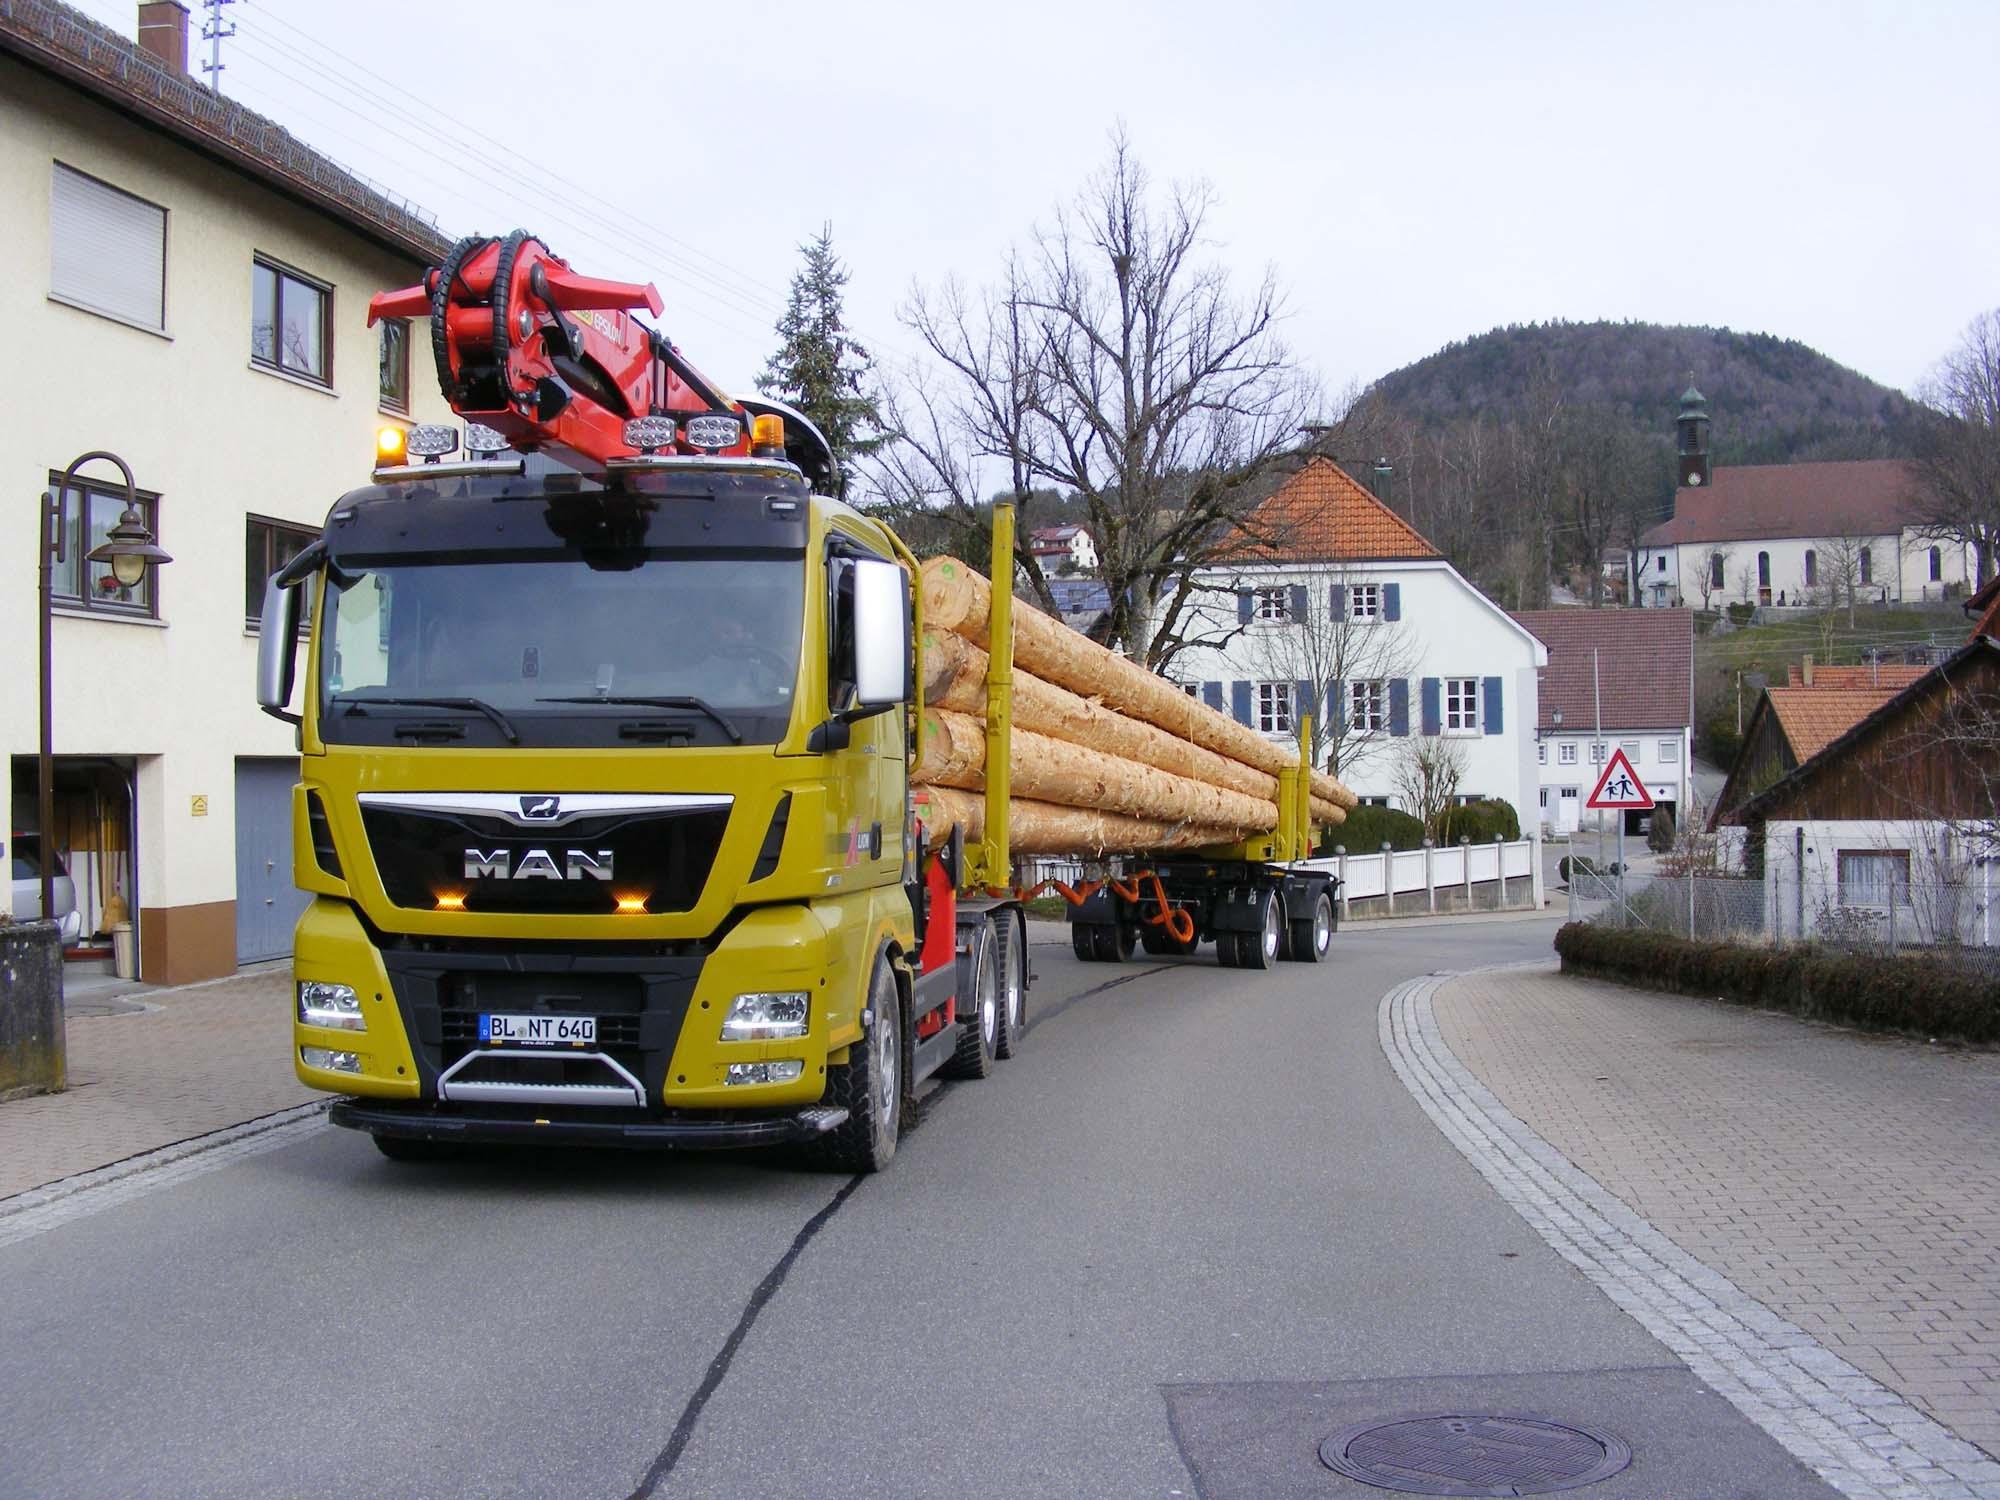 2020-5-8-Oppenau-Ilse und Manfred Oestreich-Holztransport-Nagel 200314j